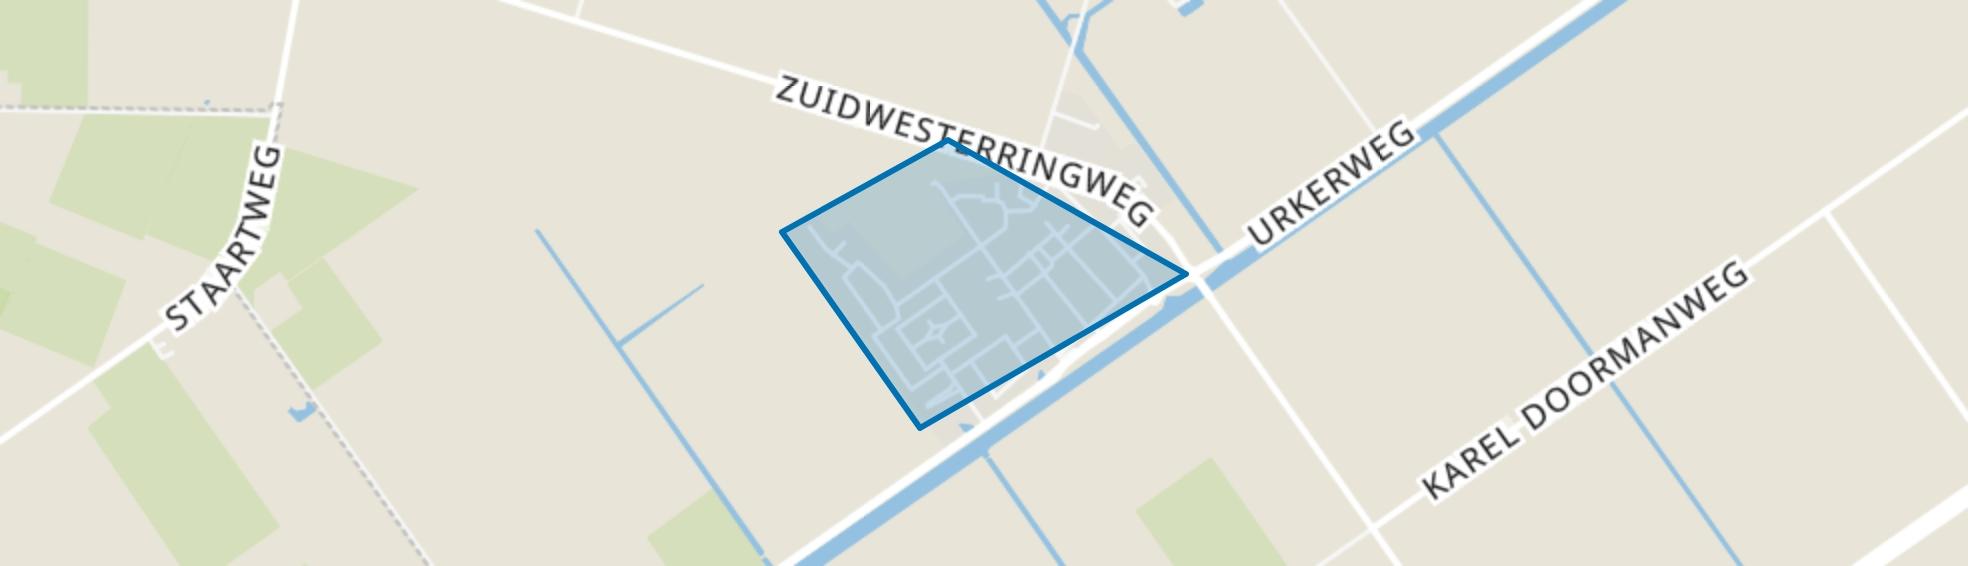 Tollebeek-woonkern, Tollebeek map